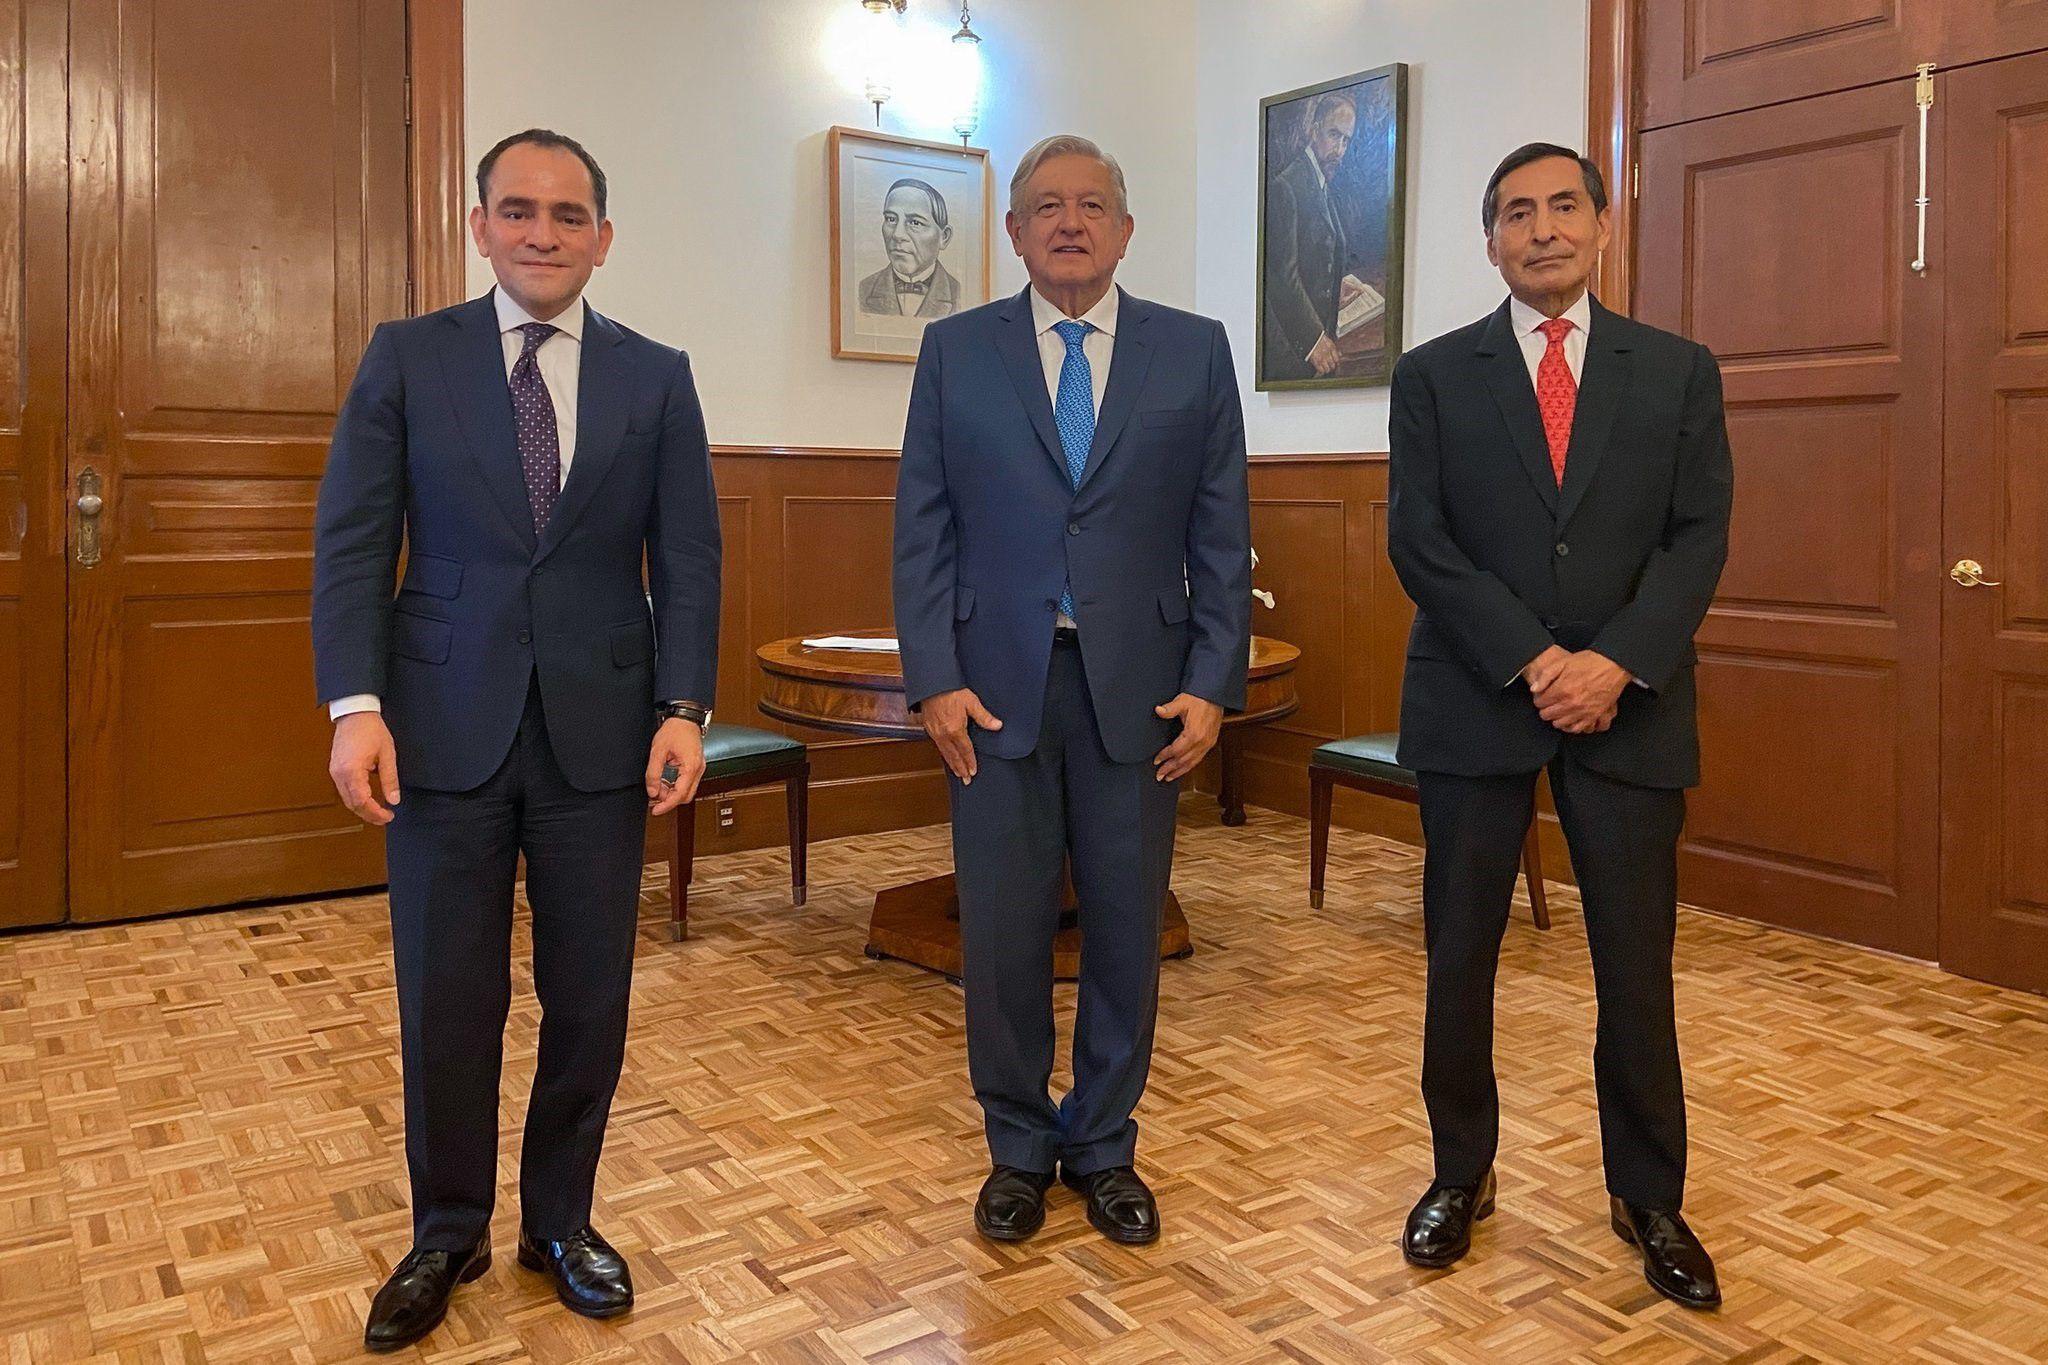 Arturo Herrera, Andrés Manuel López Obrado y Rogelio Ramírez en Palacio Nacional (Foto: Twitter/López Obrador)